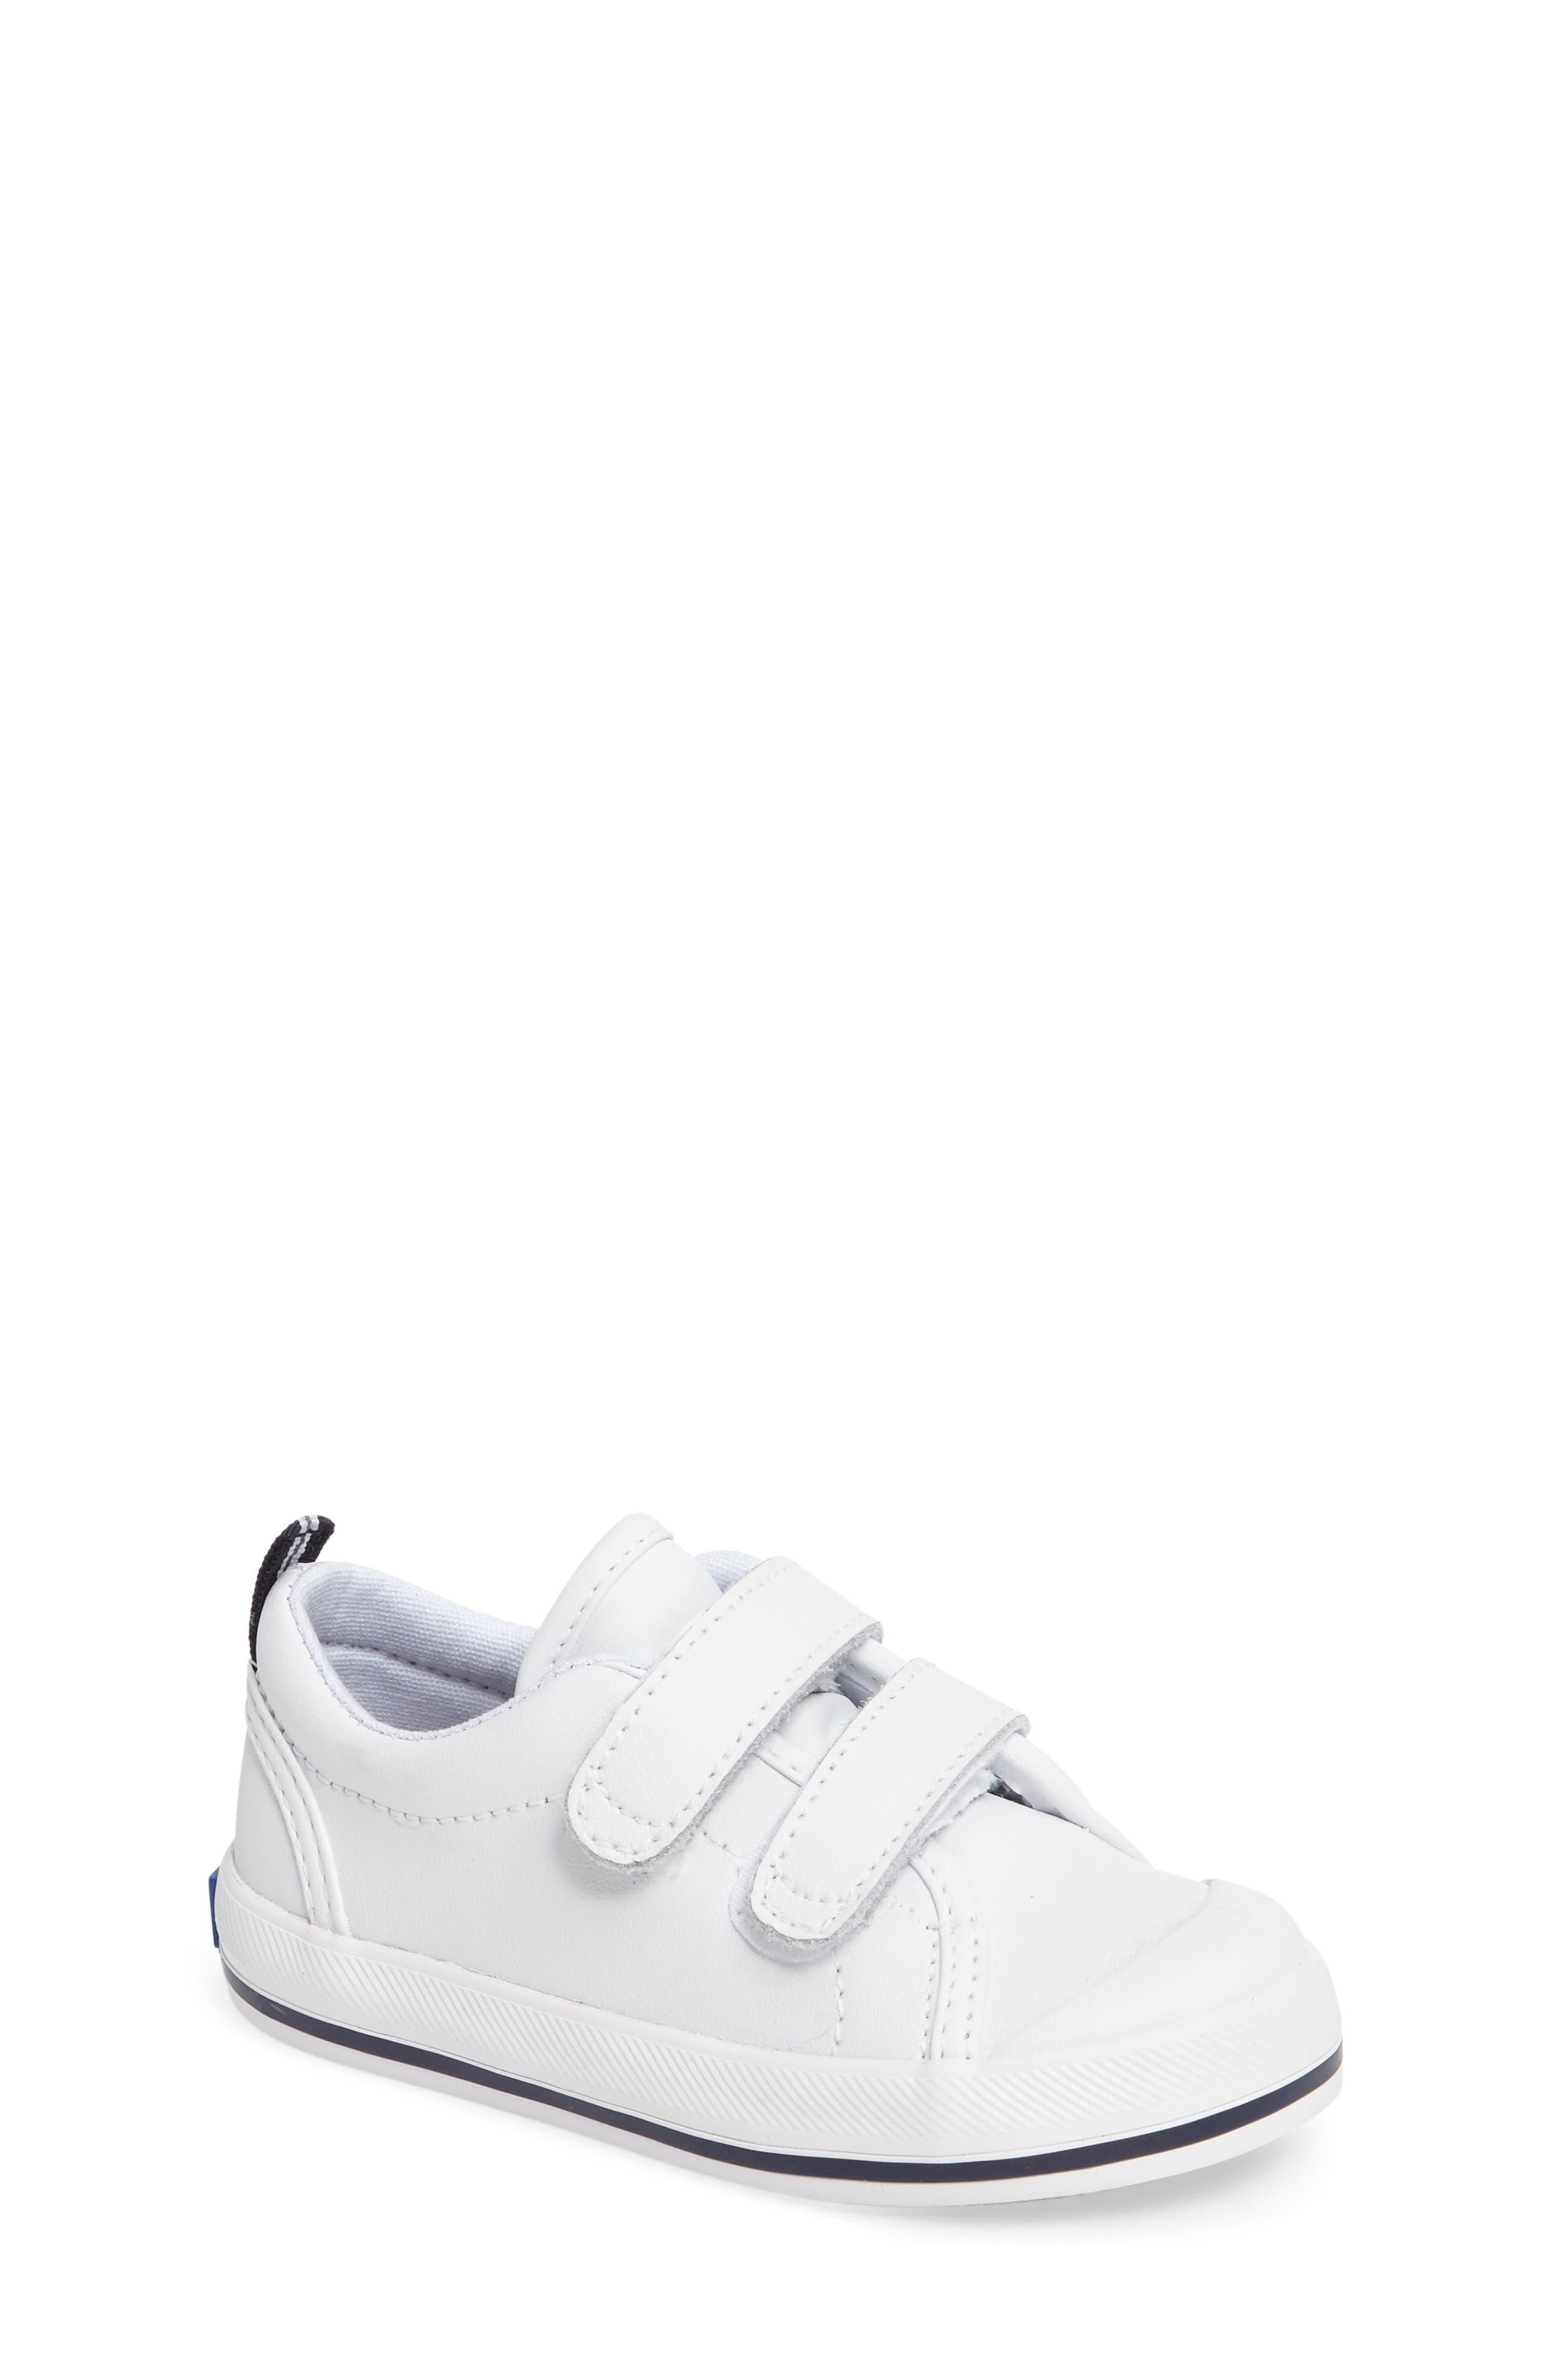 'Graham' Hook & Loop Sneaker,                         Main,                         color,